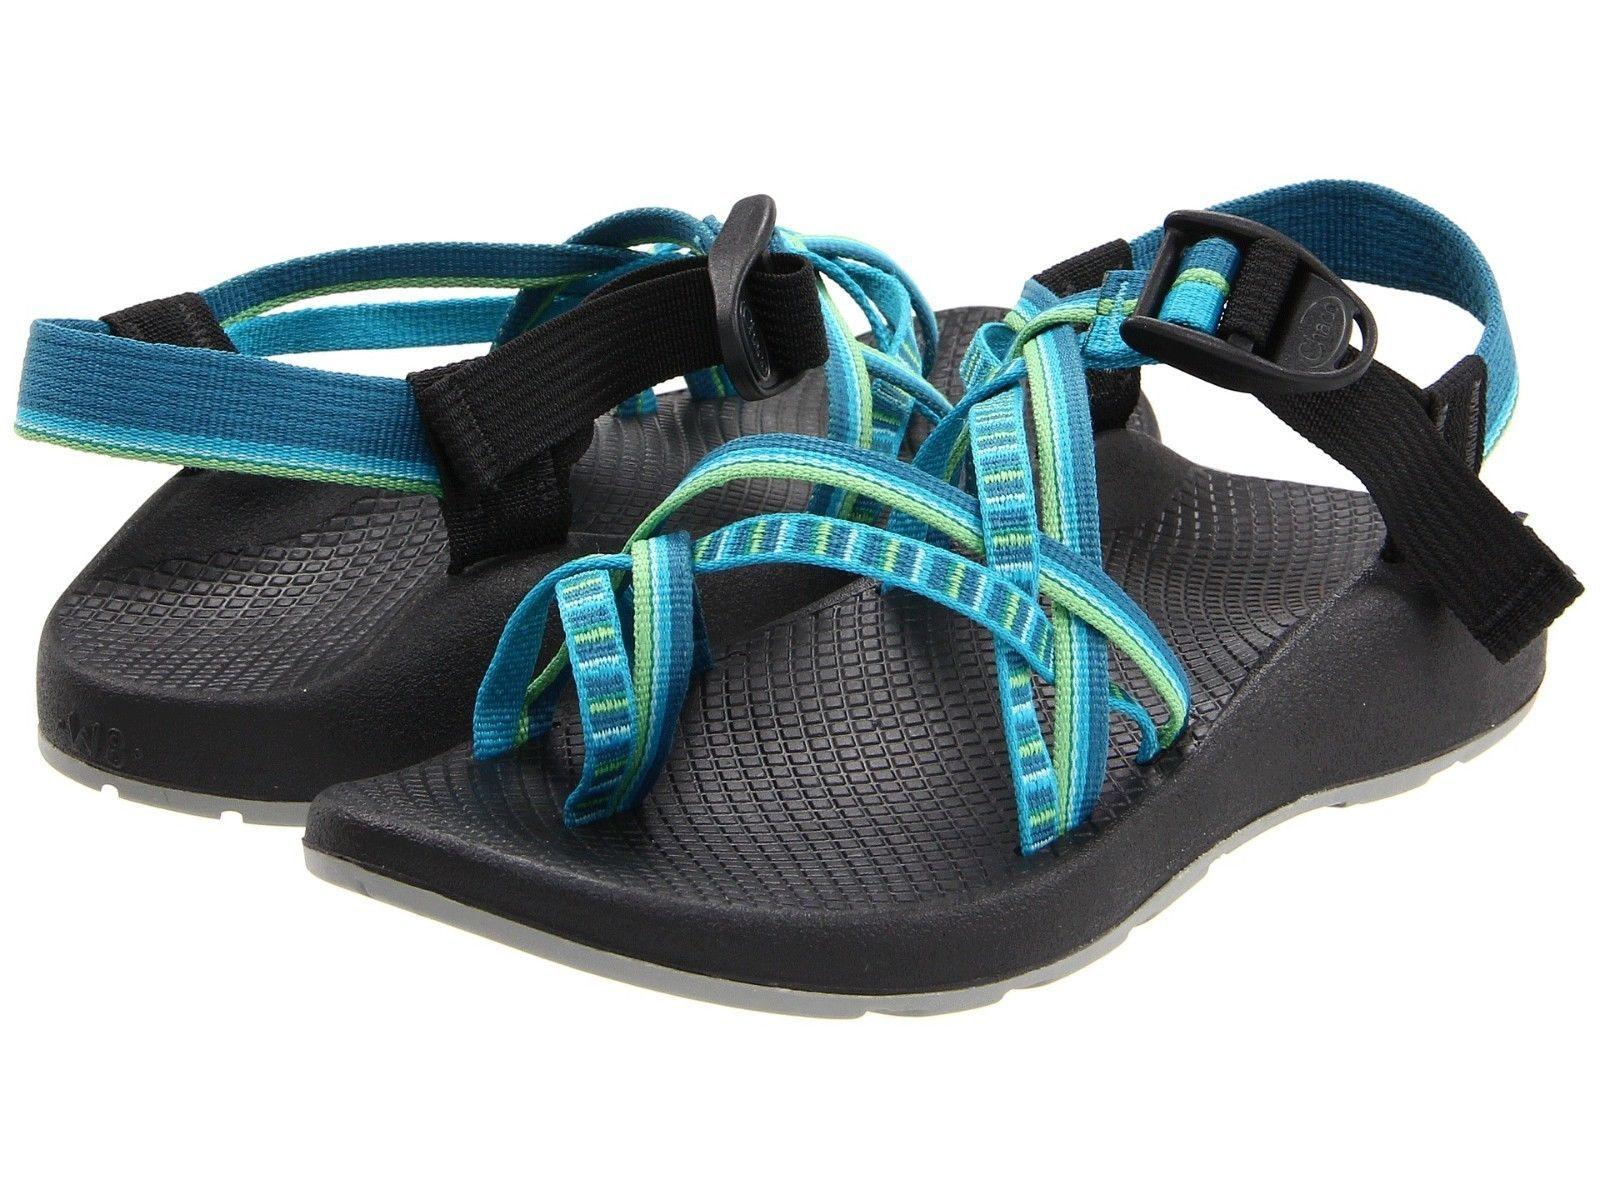 b769b7f8f Chaco ZX 2 Yampa River Women s Sandals J102808 BNIB